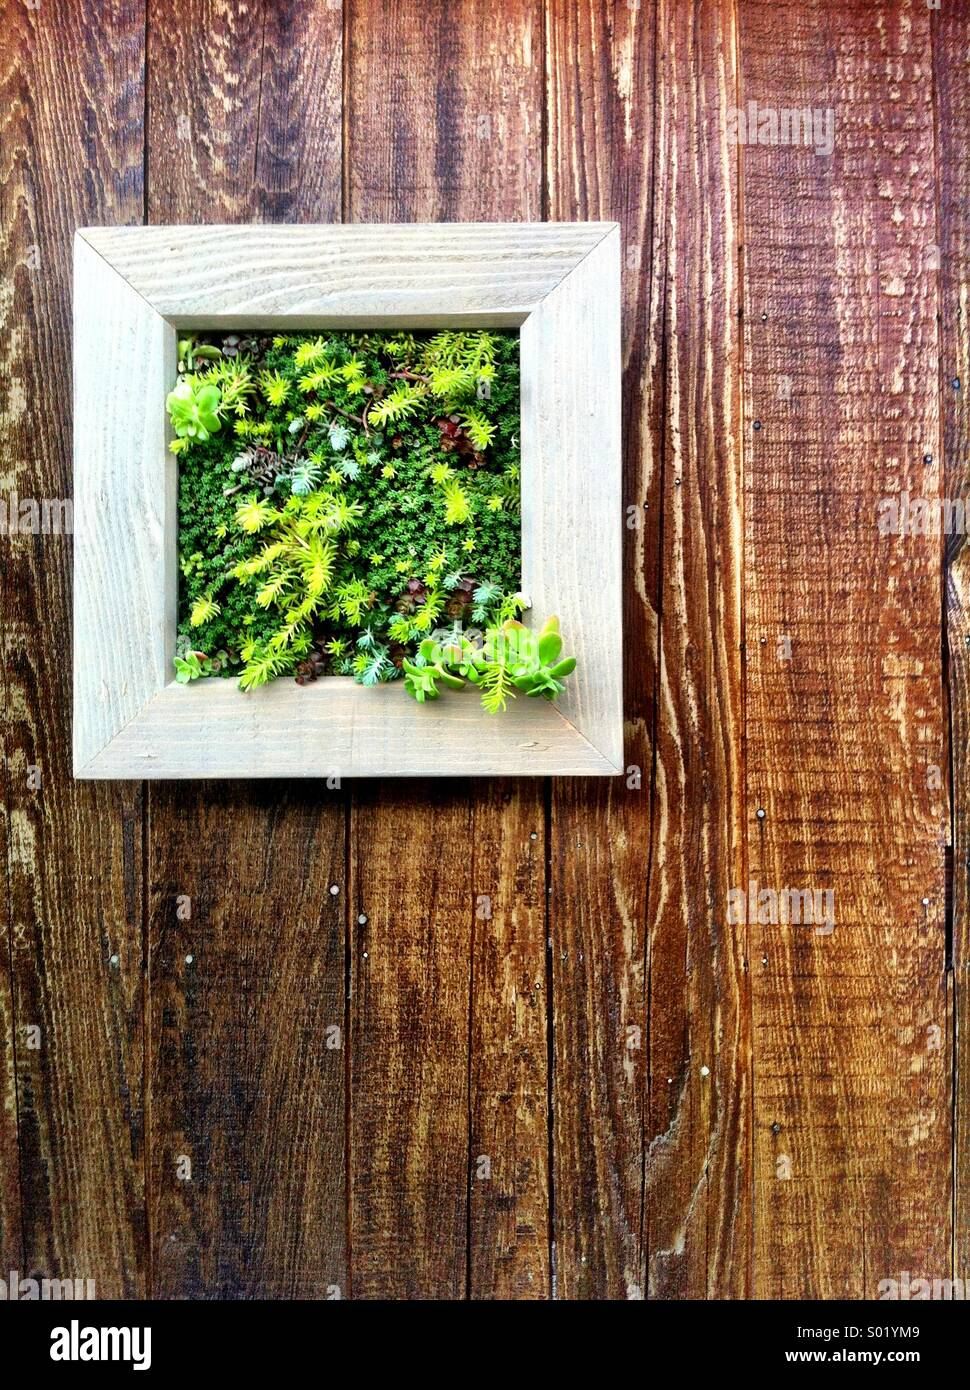 Plantas de jard n montado en pared de madera cuadrada foto for Paredes de madera para jardin